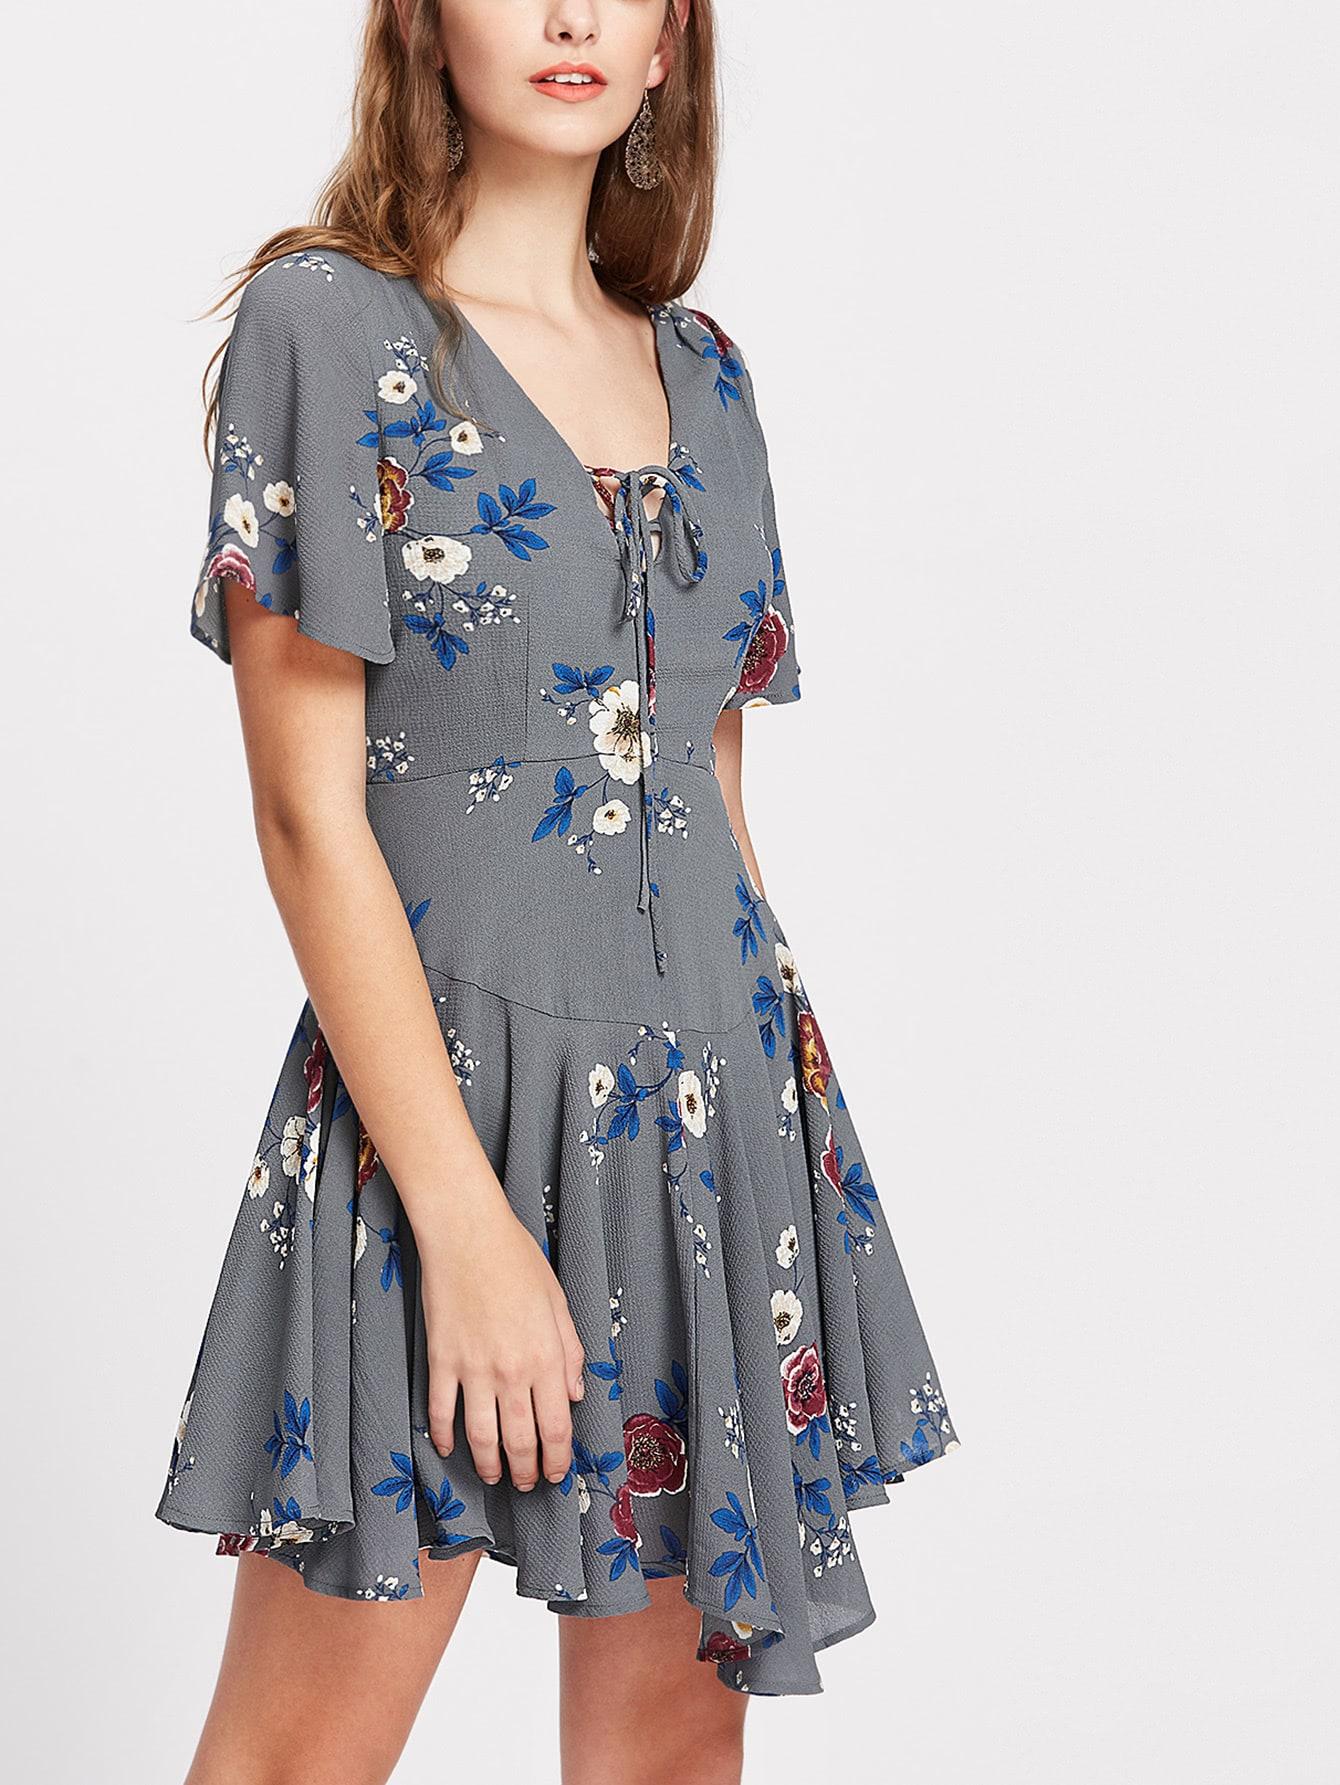 Фото Flower Print Lace Up Plunge Neck Paneled Flowy Dress. Купить с доставкой